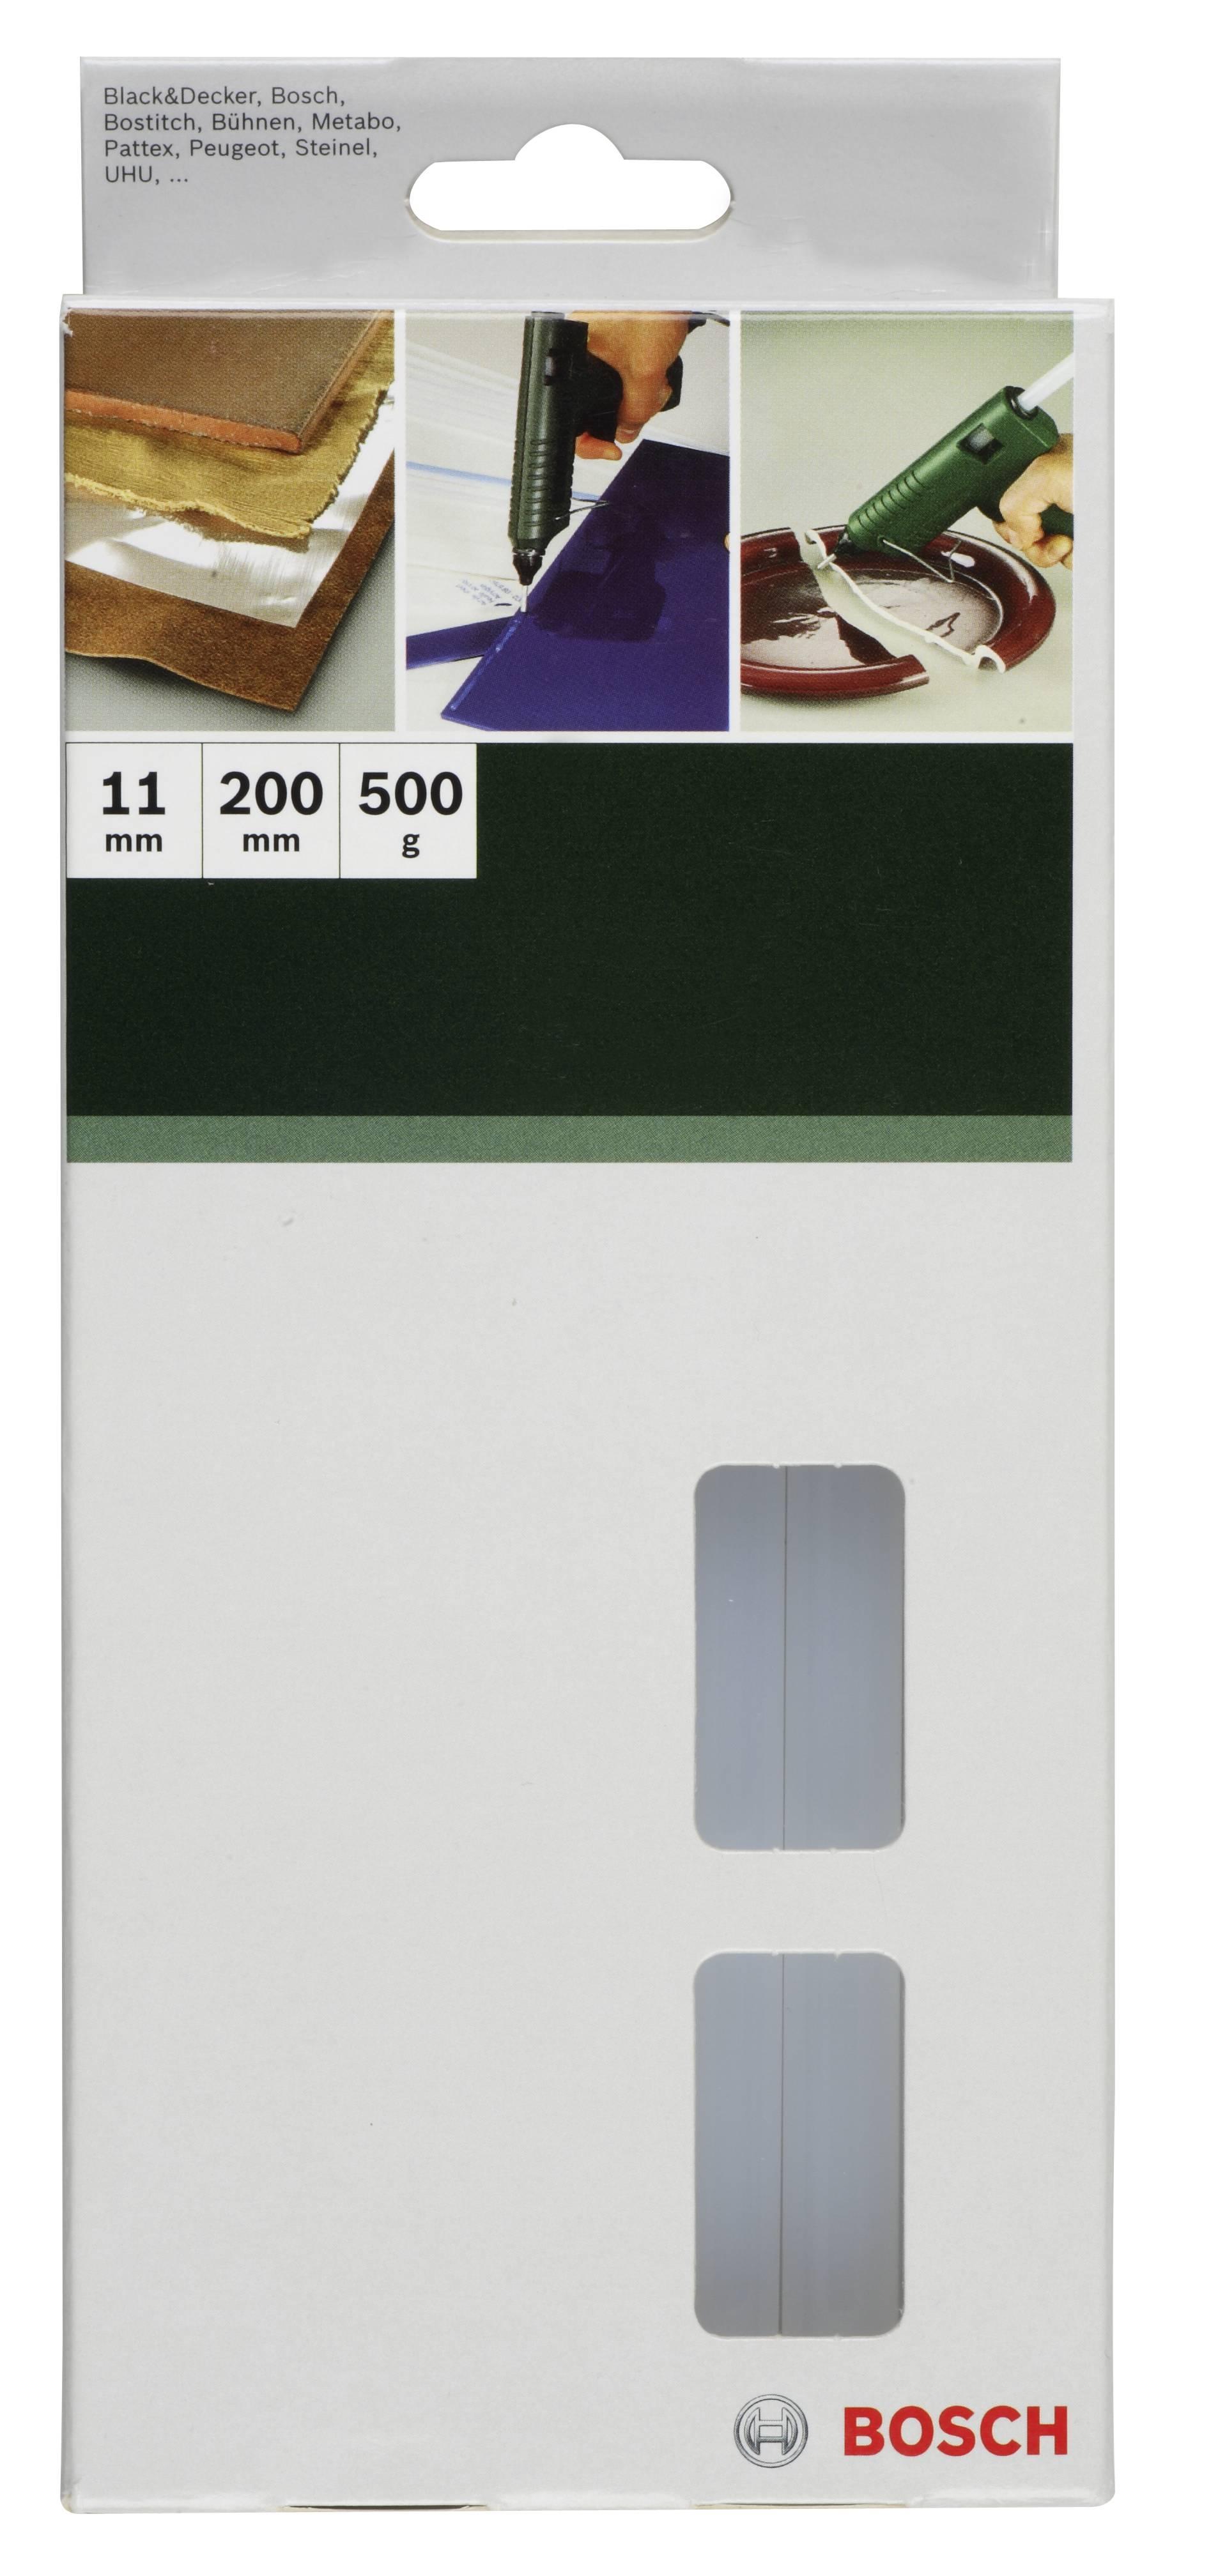 Lepiace tyčinky Bosch Accessories 2609255800, Ø 11 mm, délka 200 mm, 500 g, priehľadná